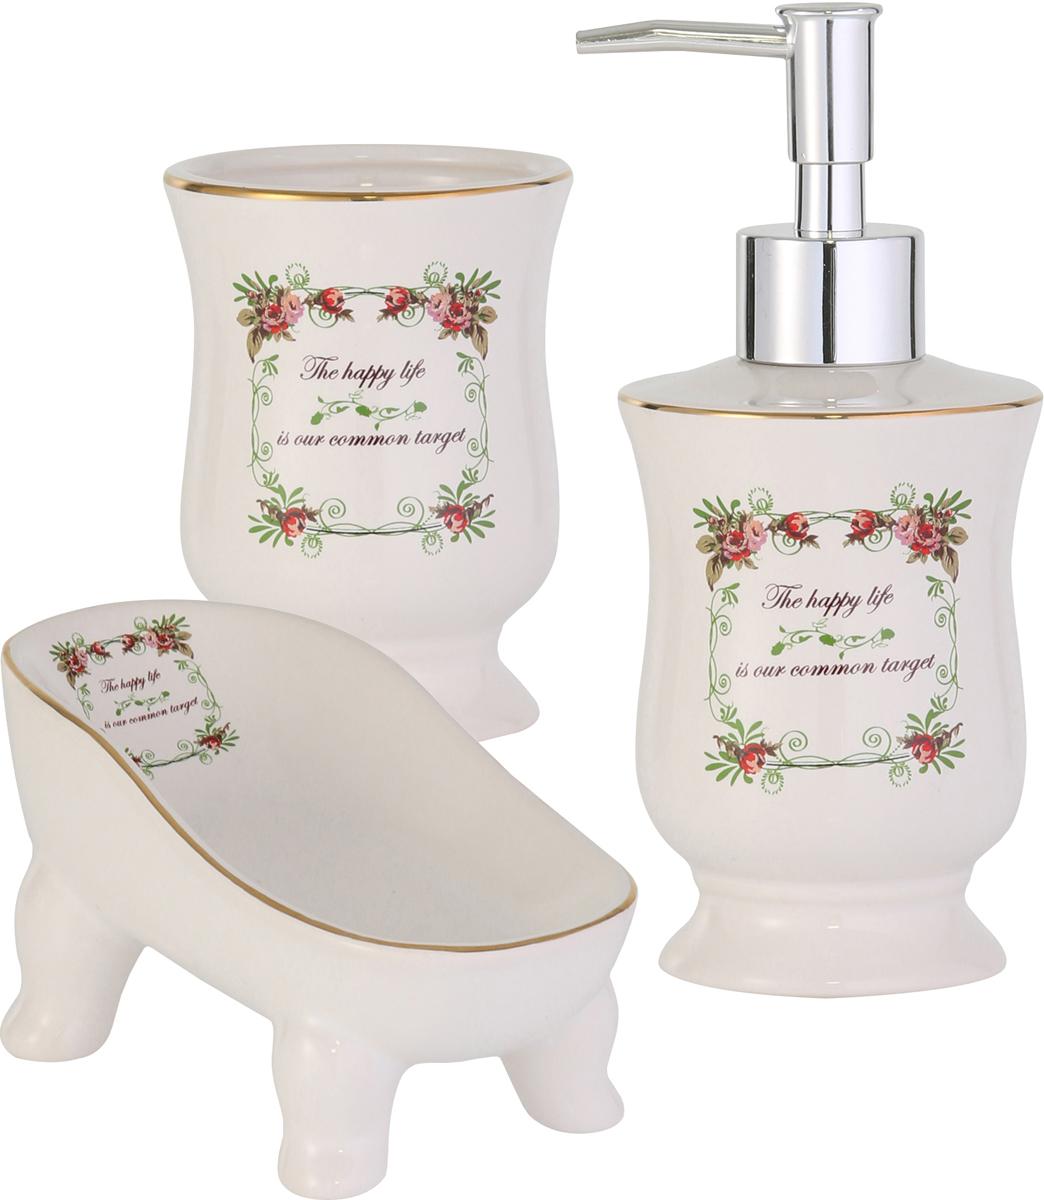 Набор для ванной комнаты Axentia, 3 предмета122125Набор для ванной комнаты Axentia, выполненный из натуральной и элегантной керамики, состоит из стакана для зубных щеток, дозатора для жидкого мыла и мыльницы. Изделия декорированы оригинальным принтом в стиле Прованс.Аксессуары, входящие в набор Axentia, выполняют не только практическую, но и декоративную функцию. Они способны внести в помещение изысканность, сделать пребывание в нем приятным и даже незабываемым.